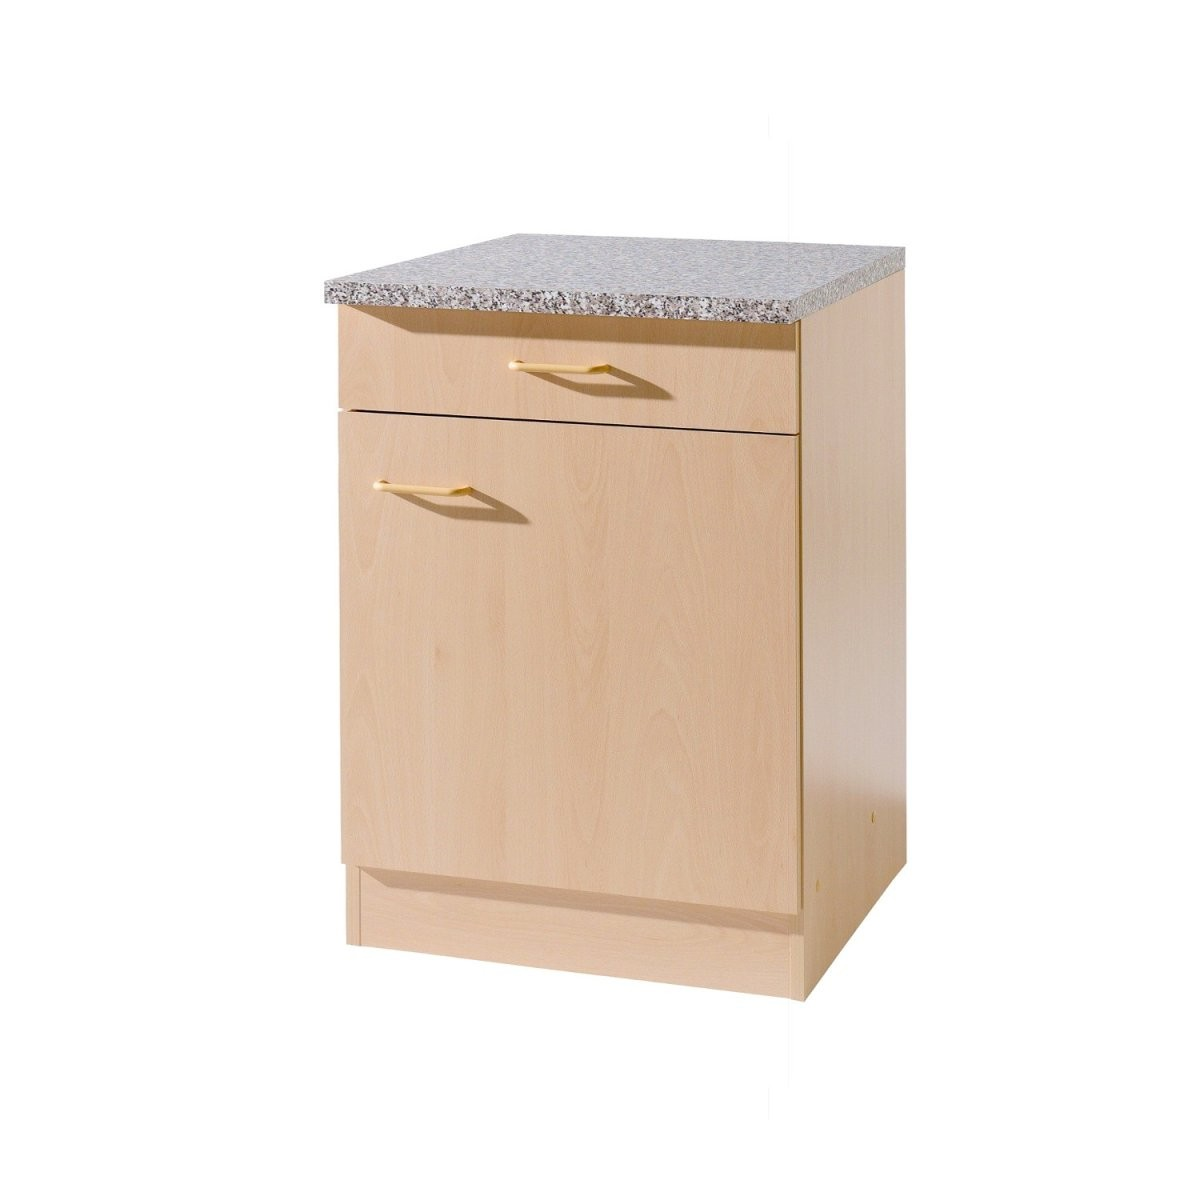 Wunderbar Küchenschrank 60 Cm Breit Entwurf Ideen Für Beste Küchen von Küchenunterschrank 50 Cm Breit Bild